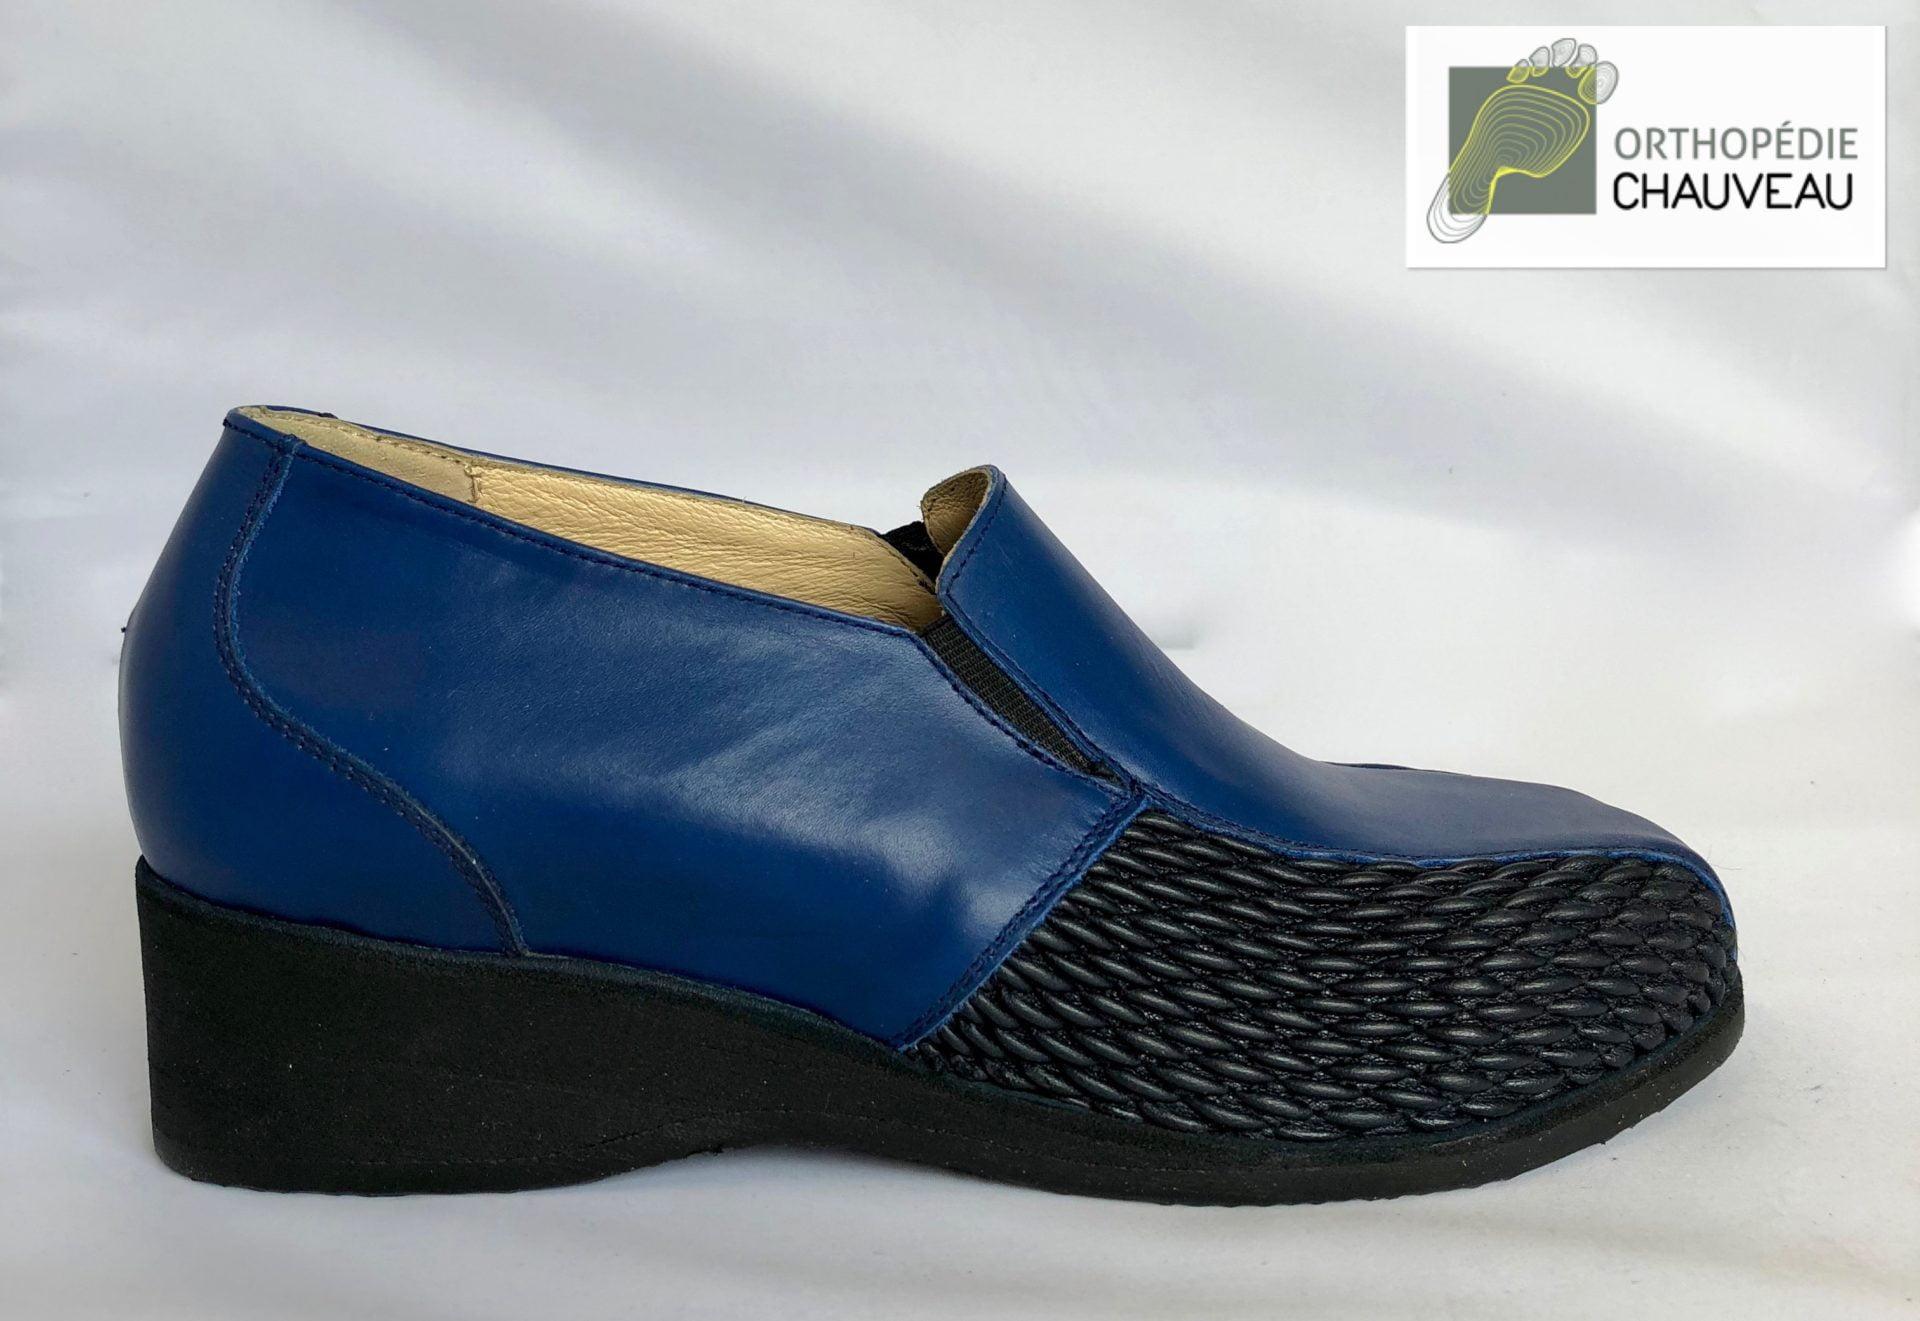 chaussures orthopediques Rennes basses bleu